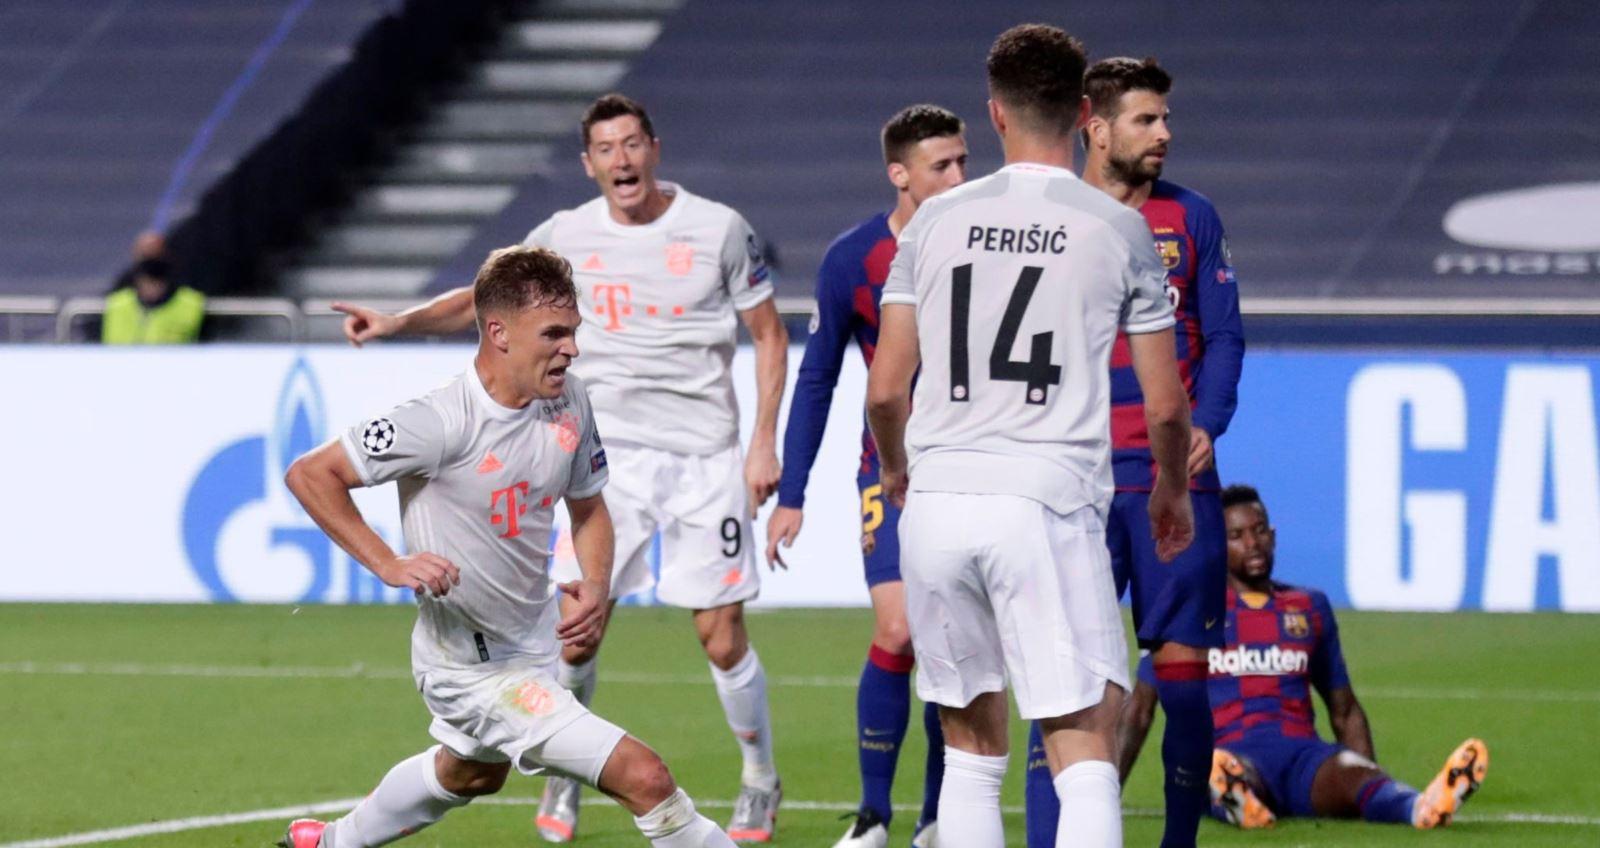 Kết quả bóng đá, MU, manchester united, lịch thi đấu, Barcelona 2-8 Bayern Munich, Kết quả tứ kết cúp C1 châu Âu, kết quả barca đấu với Bayern, Kết quả tứ kết Champions League, kết quả bóng đá hôm nay